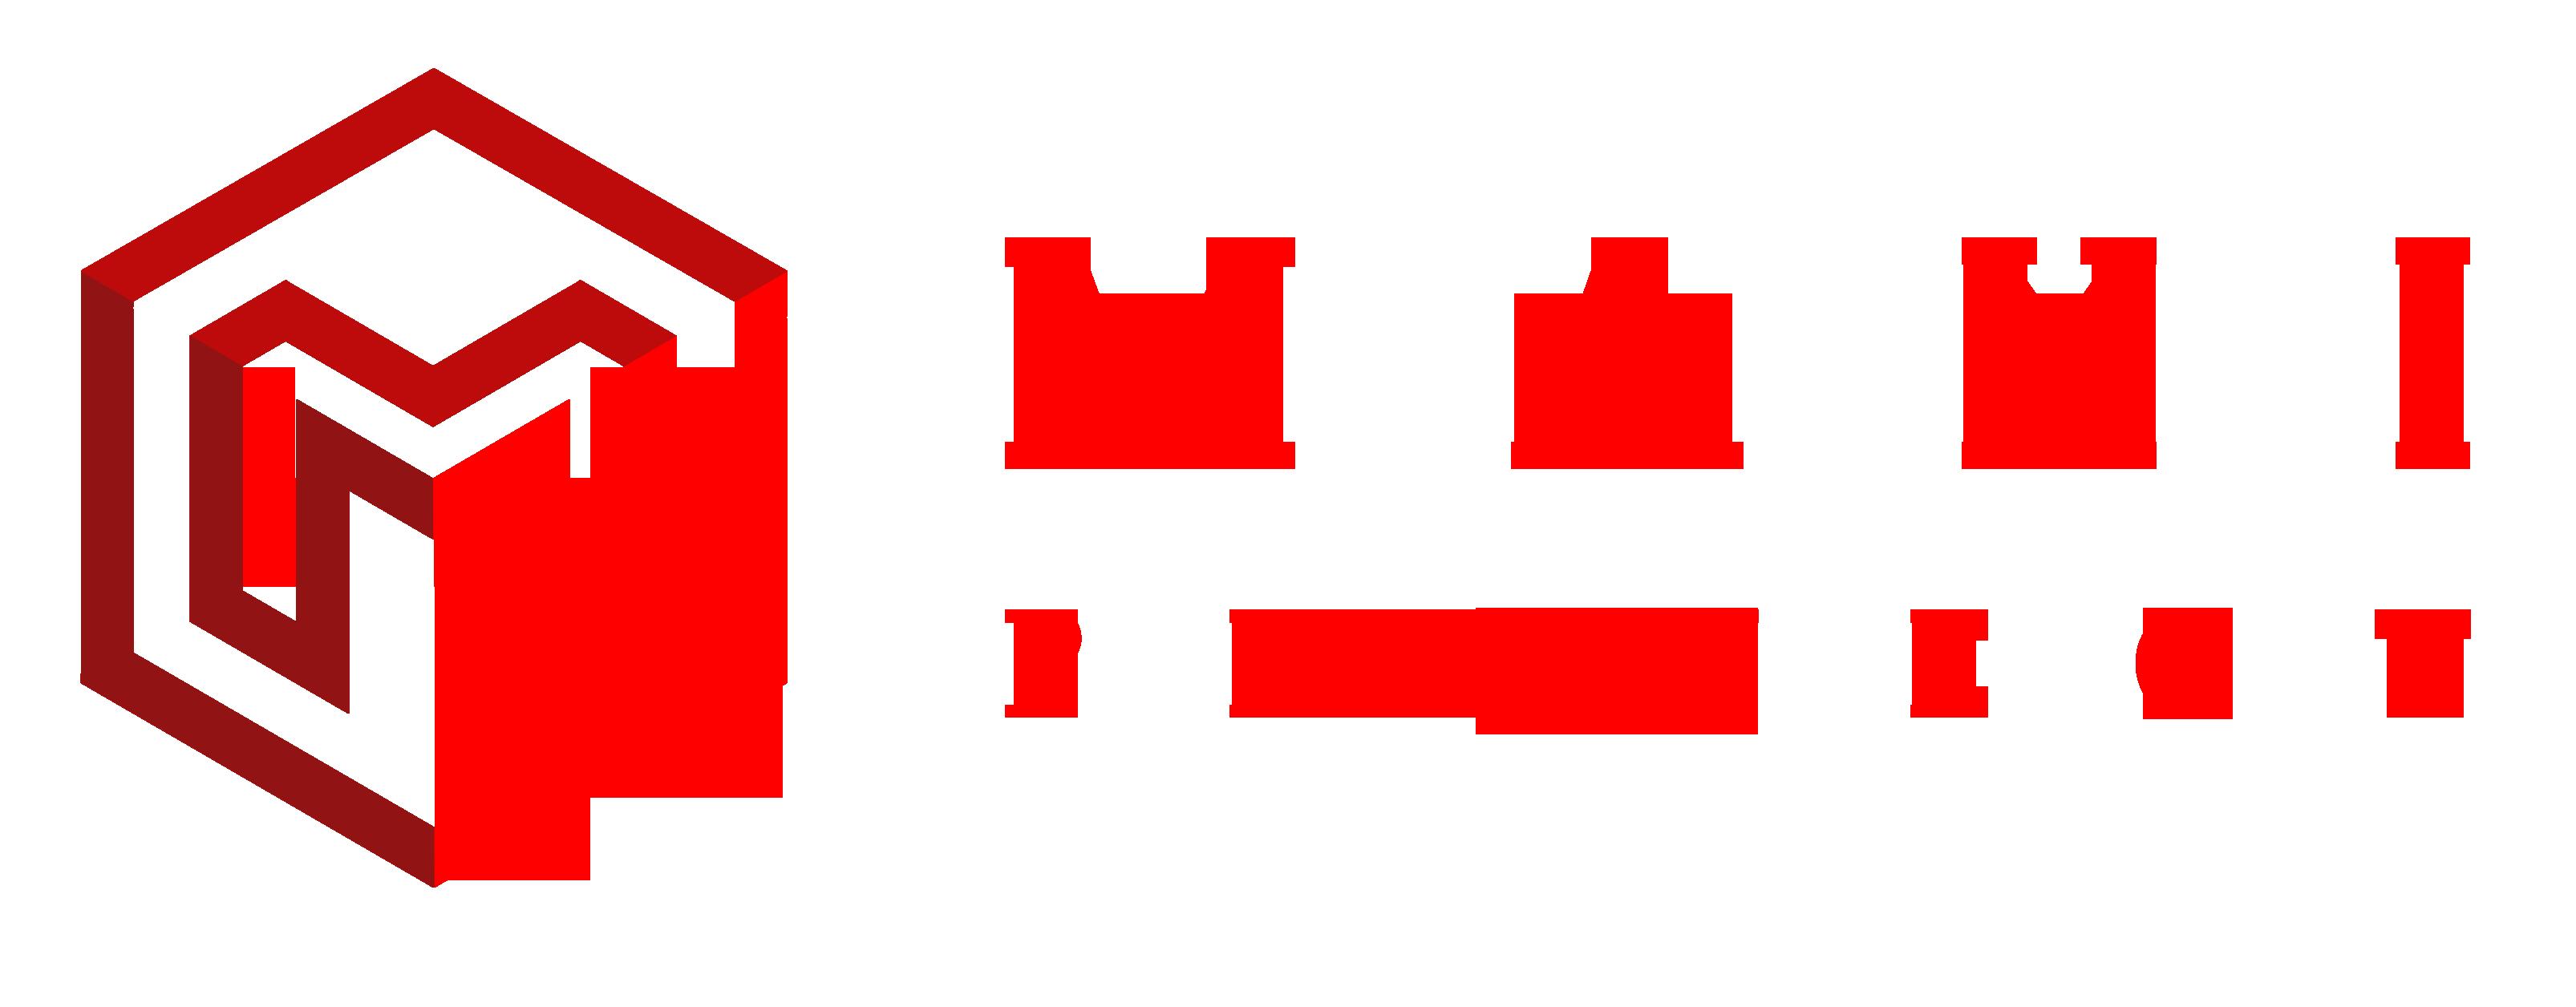 MAXI-project